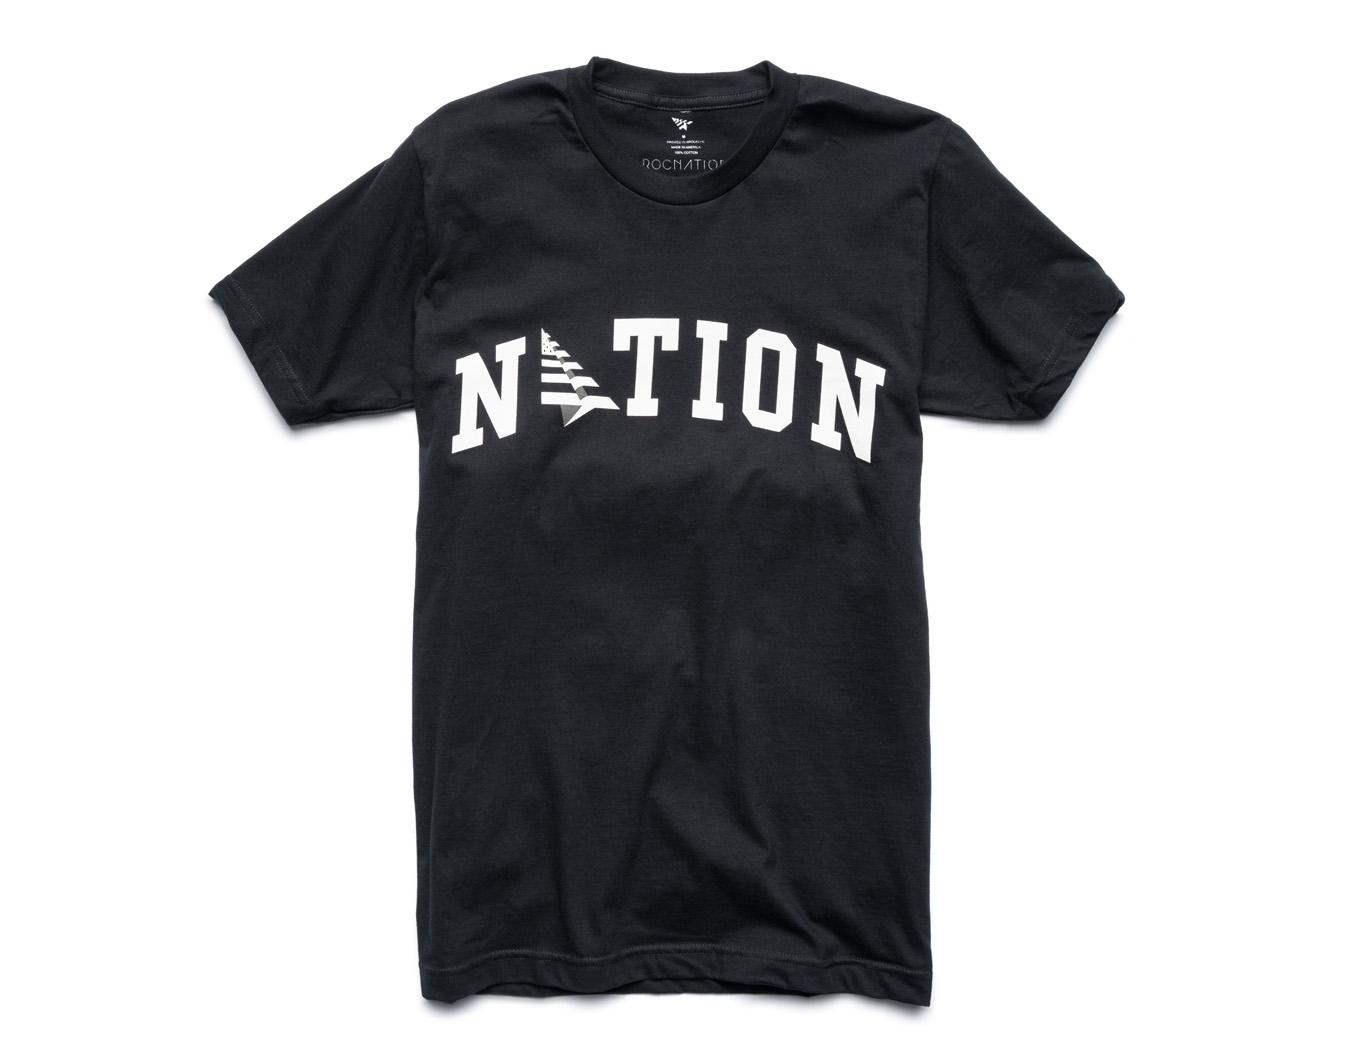 roc-nation-2.jpg